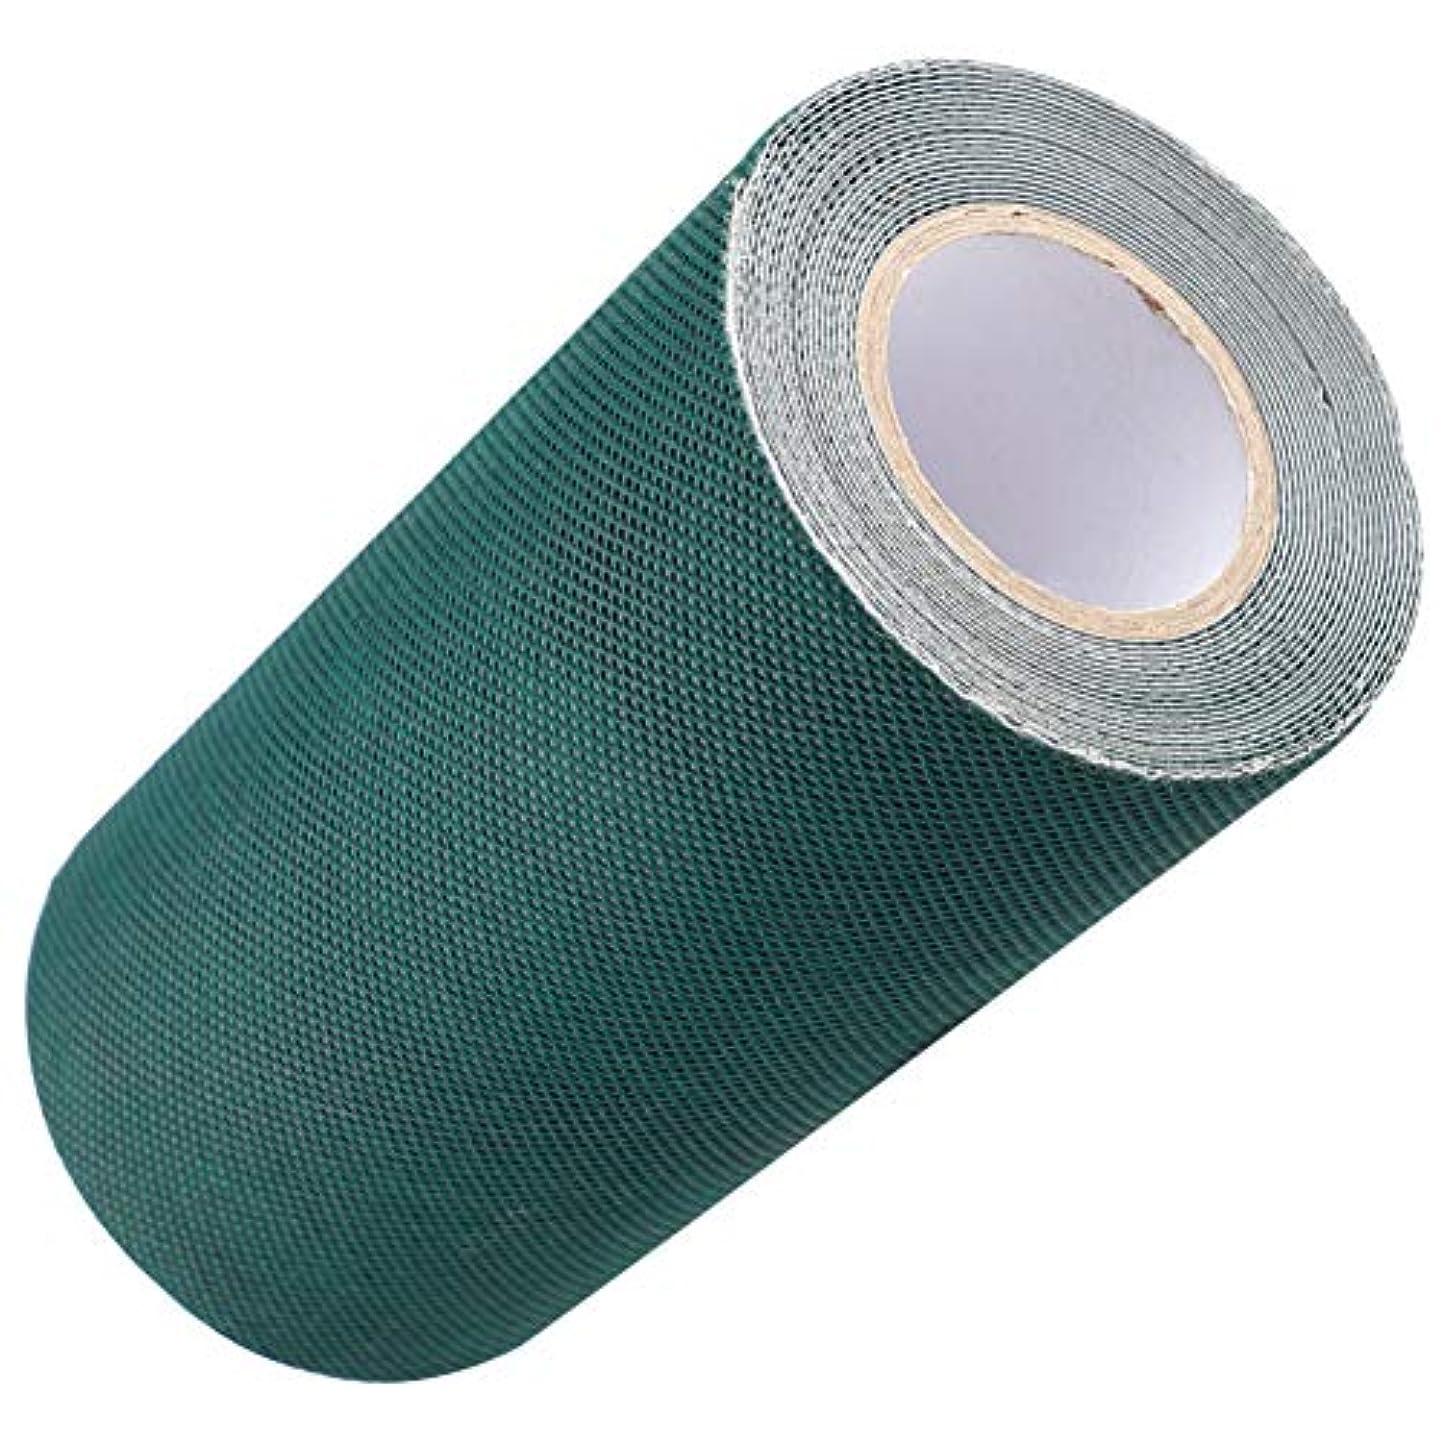 ポルノ嘆願時系列DOMO 人工芝接着布 人工芝粘着テープ 芝スプライスベルト 15cm*5M グリーン